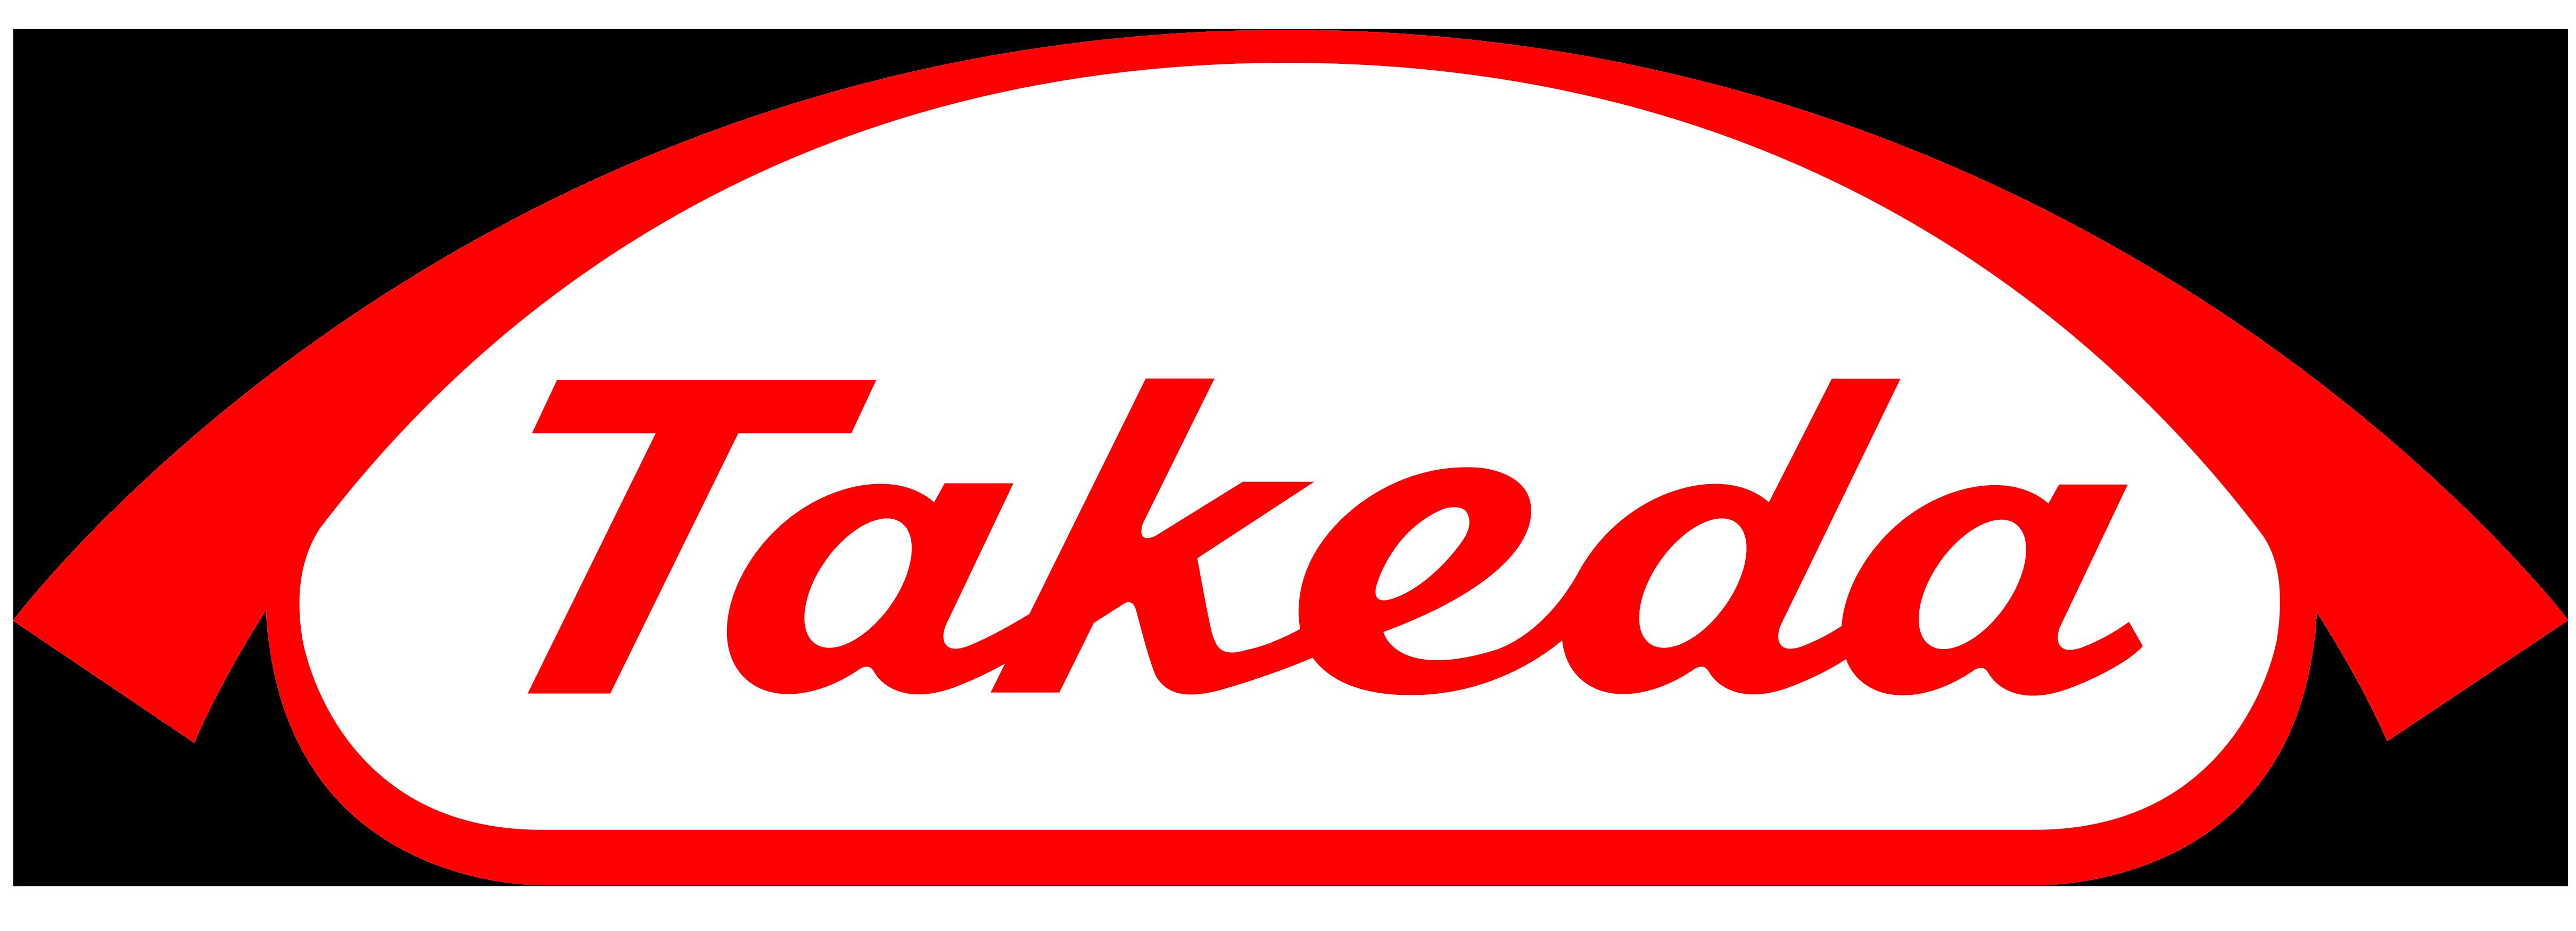 Takeda_logo_logotype